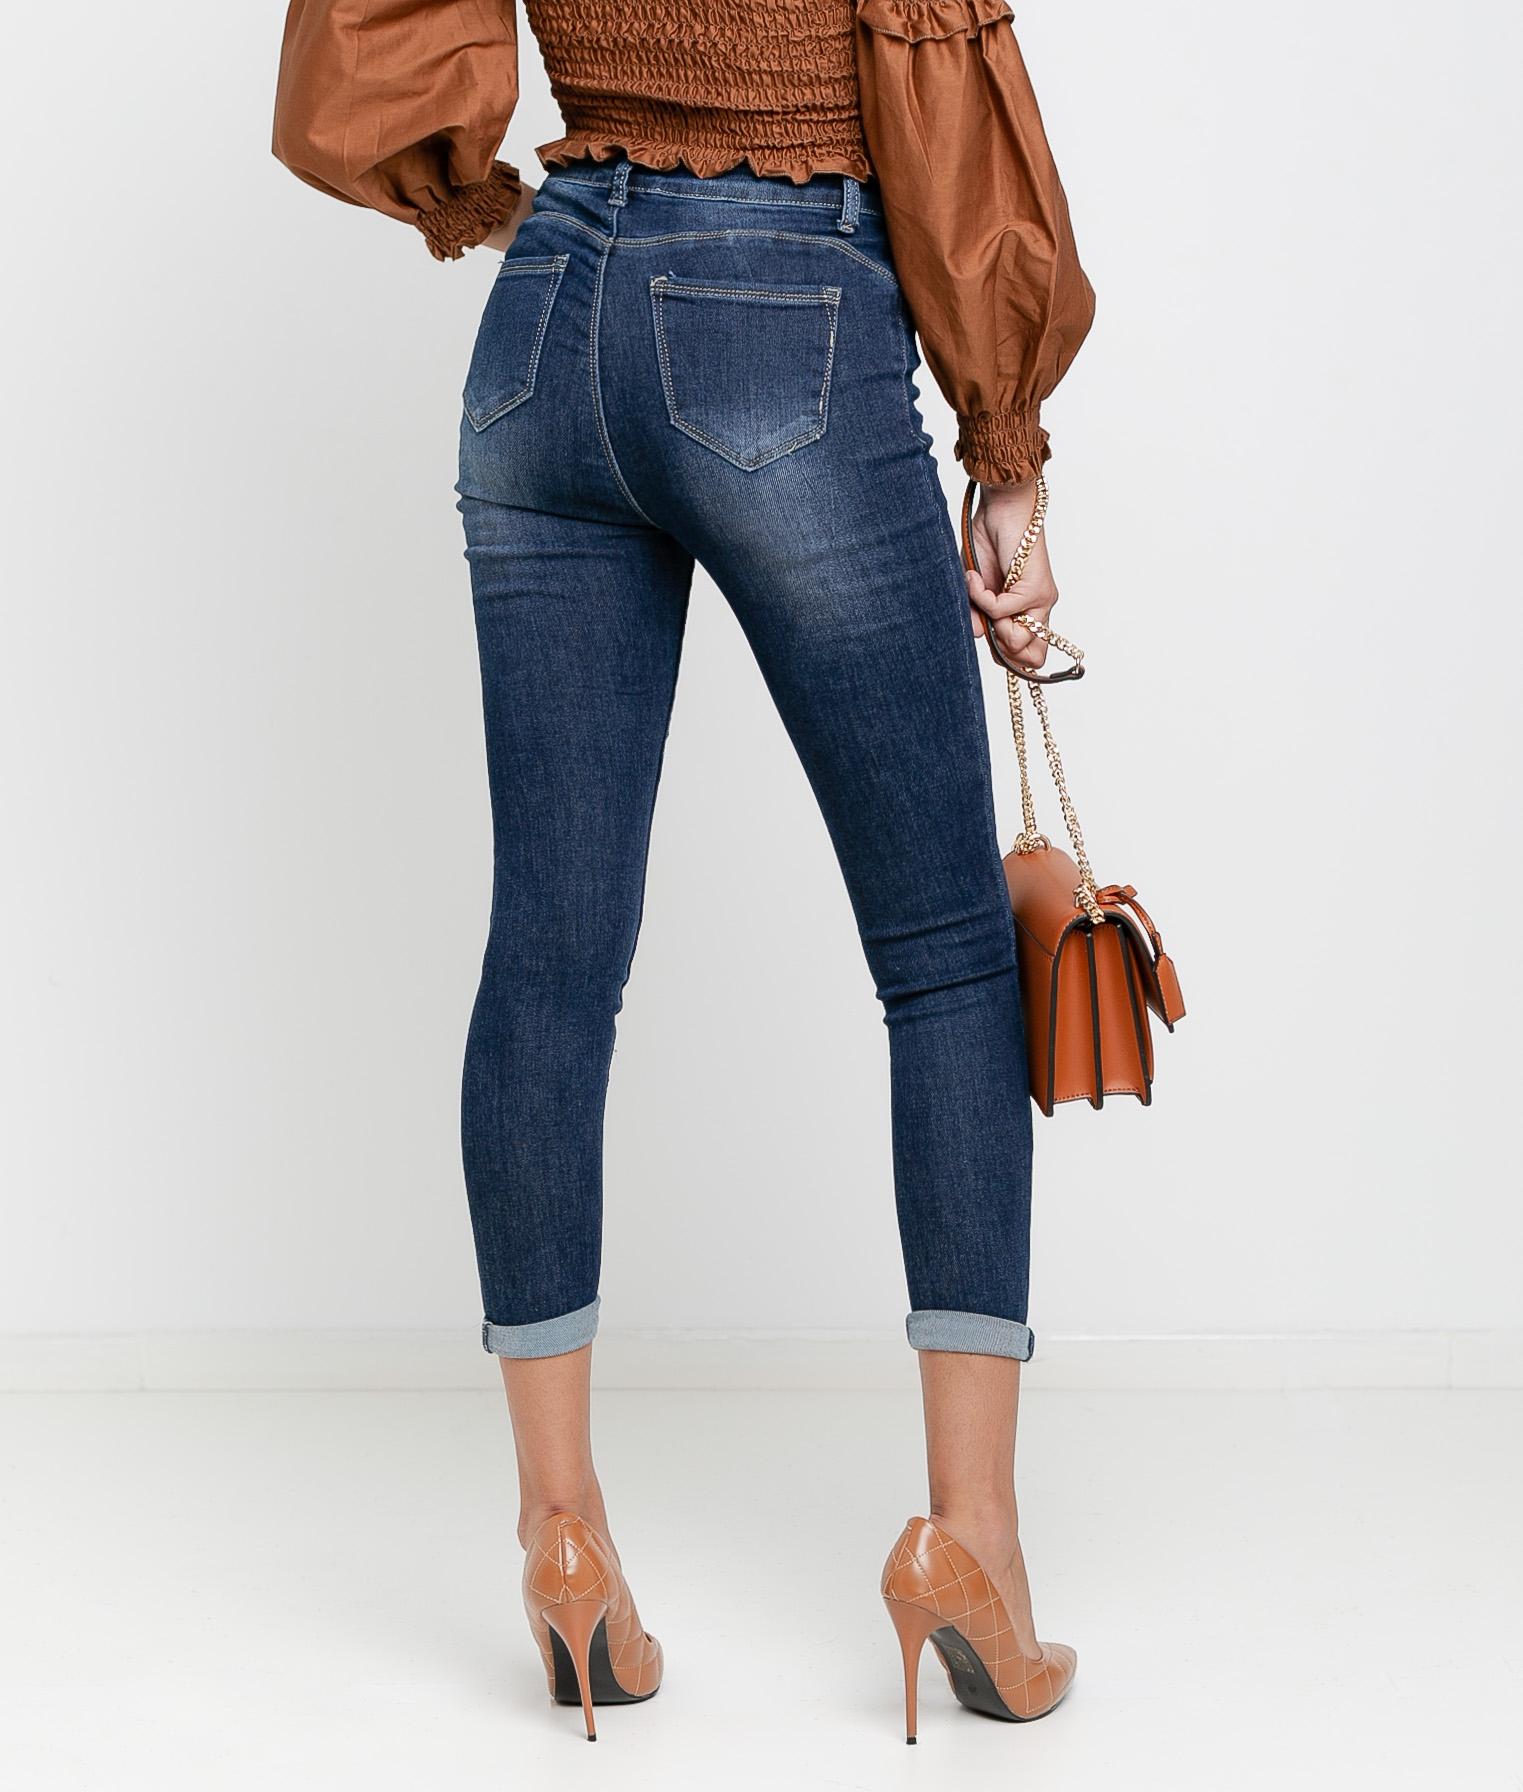 Pantalon Topic - Denim Foncé